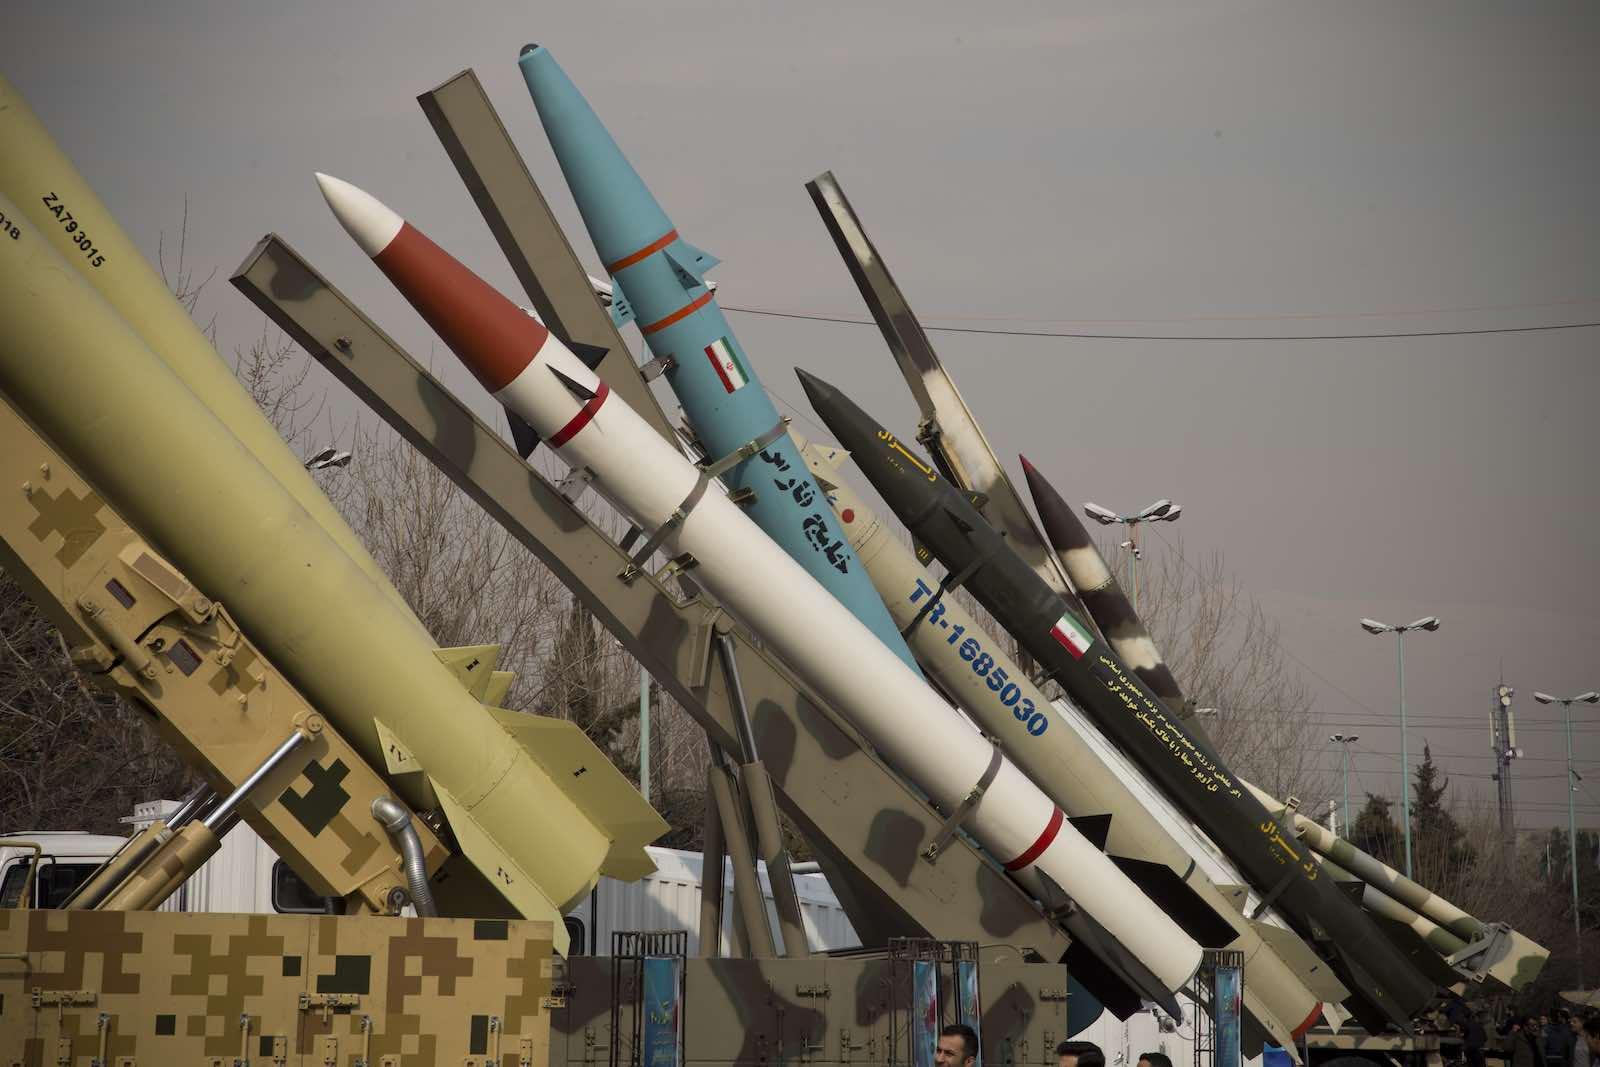 جو عزیز، مسئله ایران دیگر هستهای نیست| توماس فریدمن/ نیویورکتایمز/ آرامکو/ موشک های بالستیک هدایتشونده دقیق